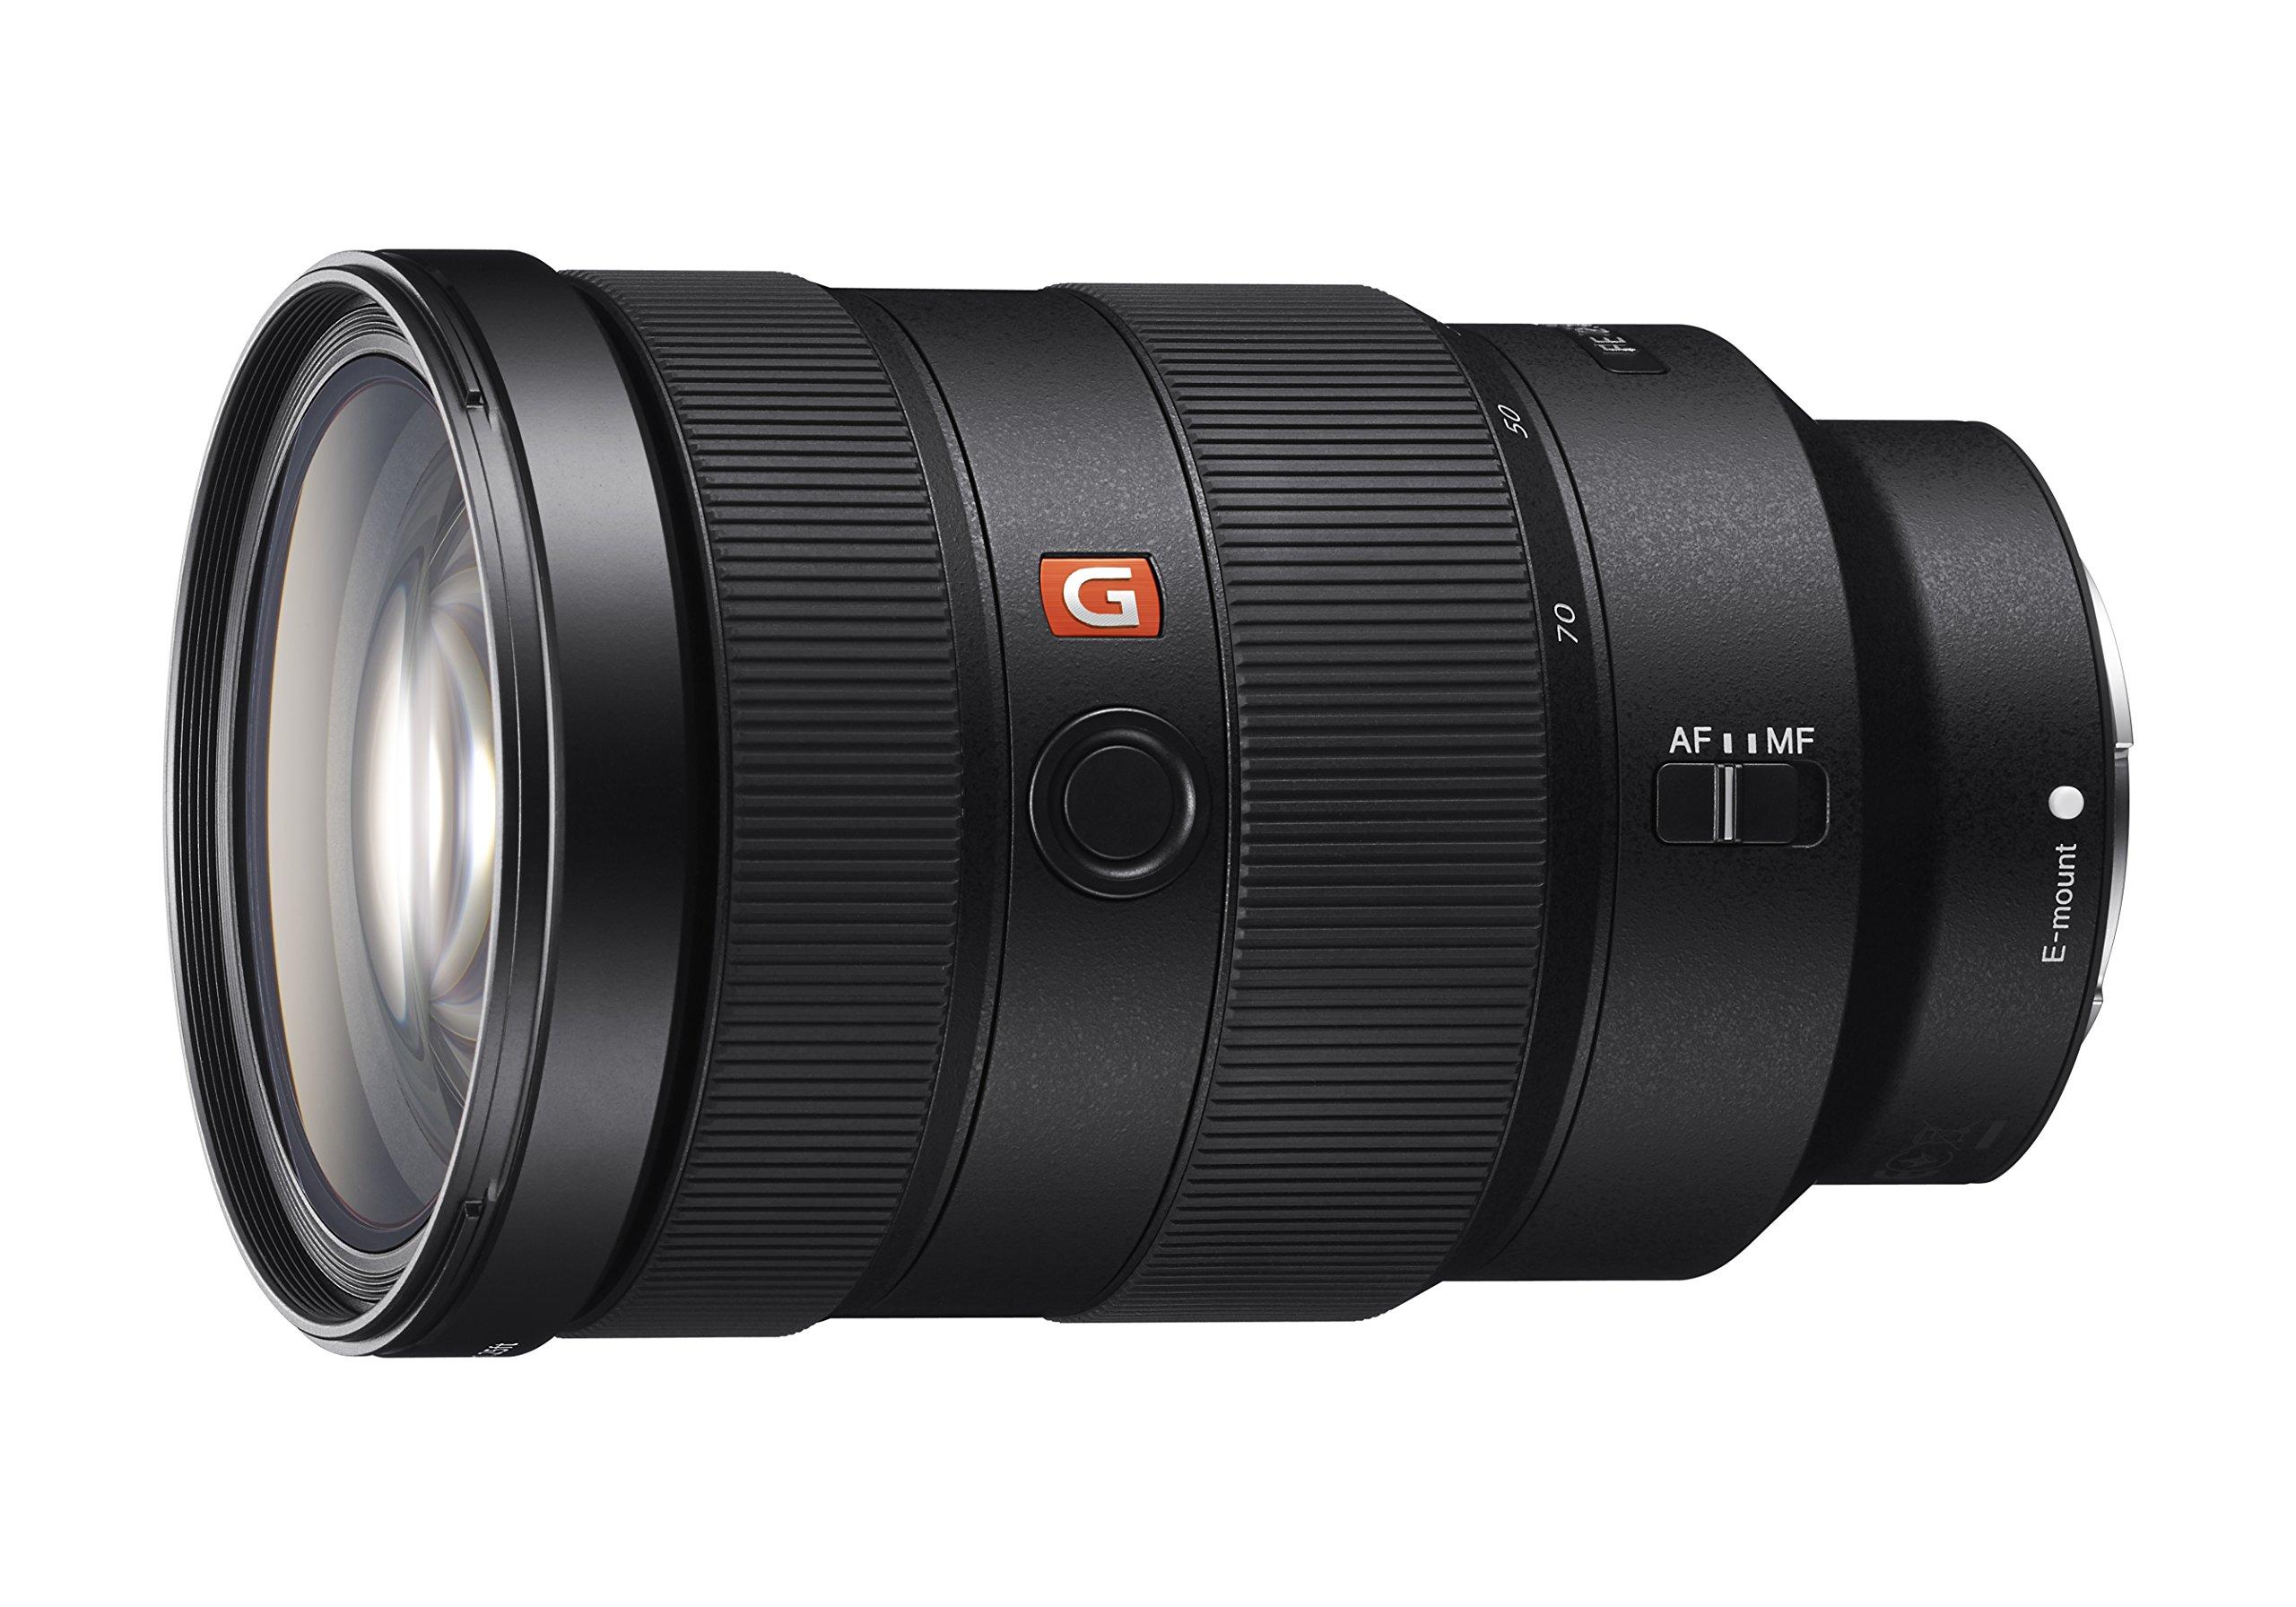 Sony SEL2470GM E-Mount Camera Lens: FE 24-70 mm F2.8 G Master Full Frame Standard Zoom Lens by Sony